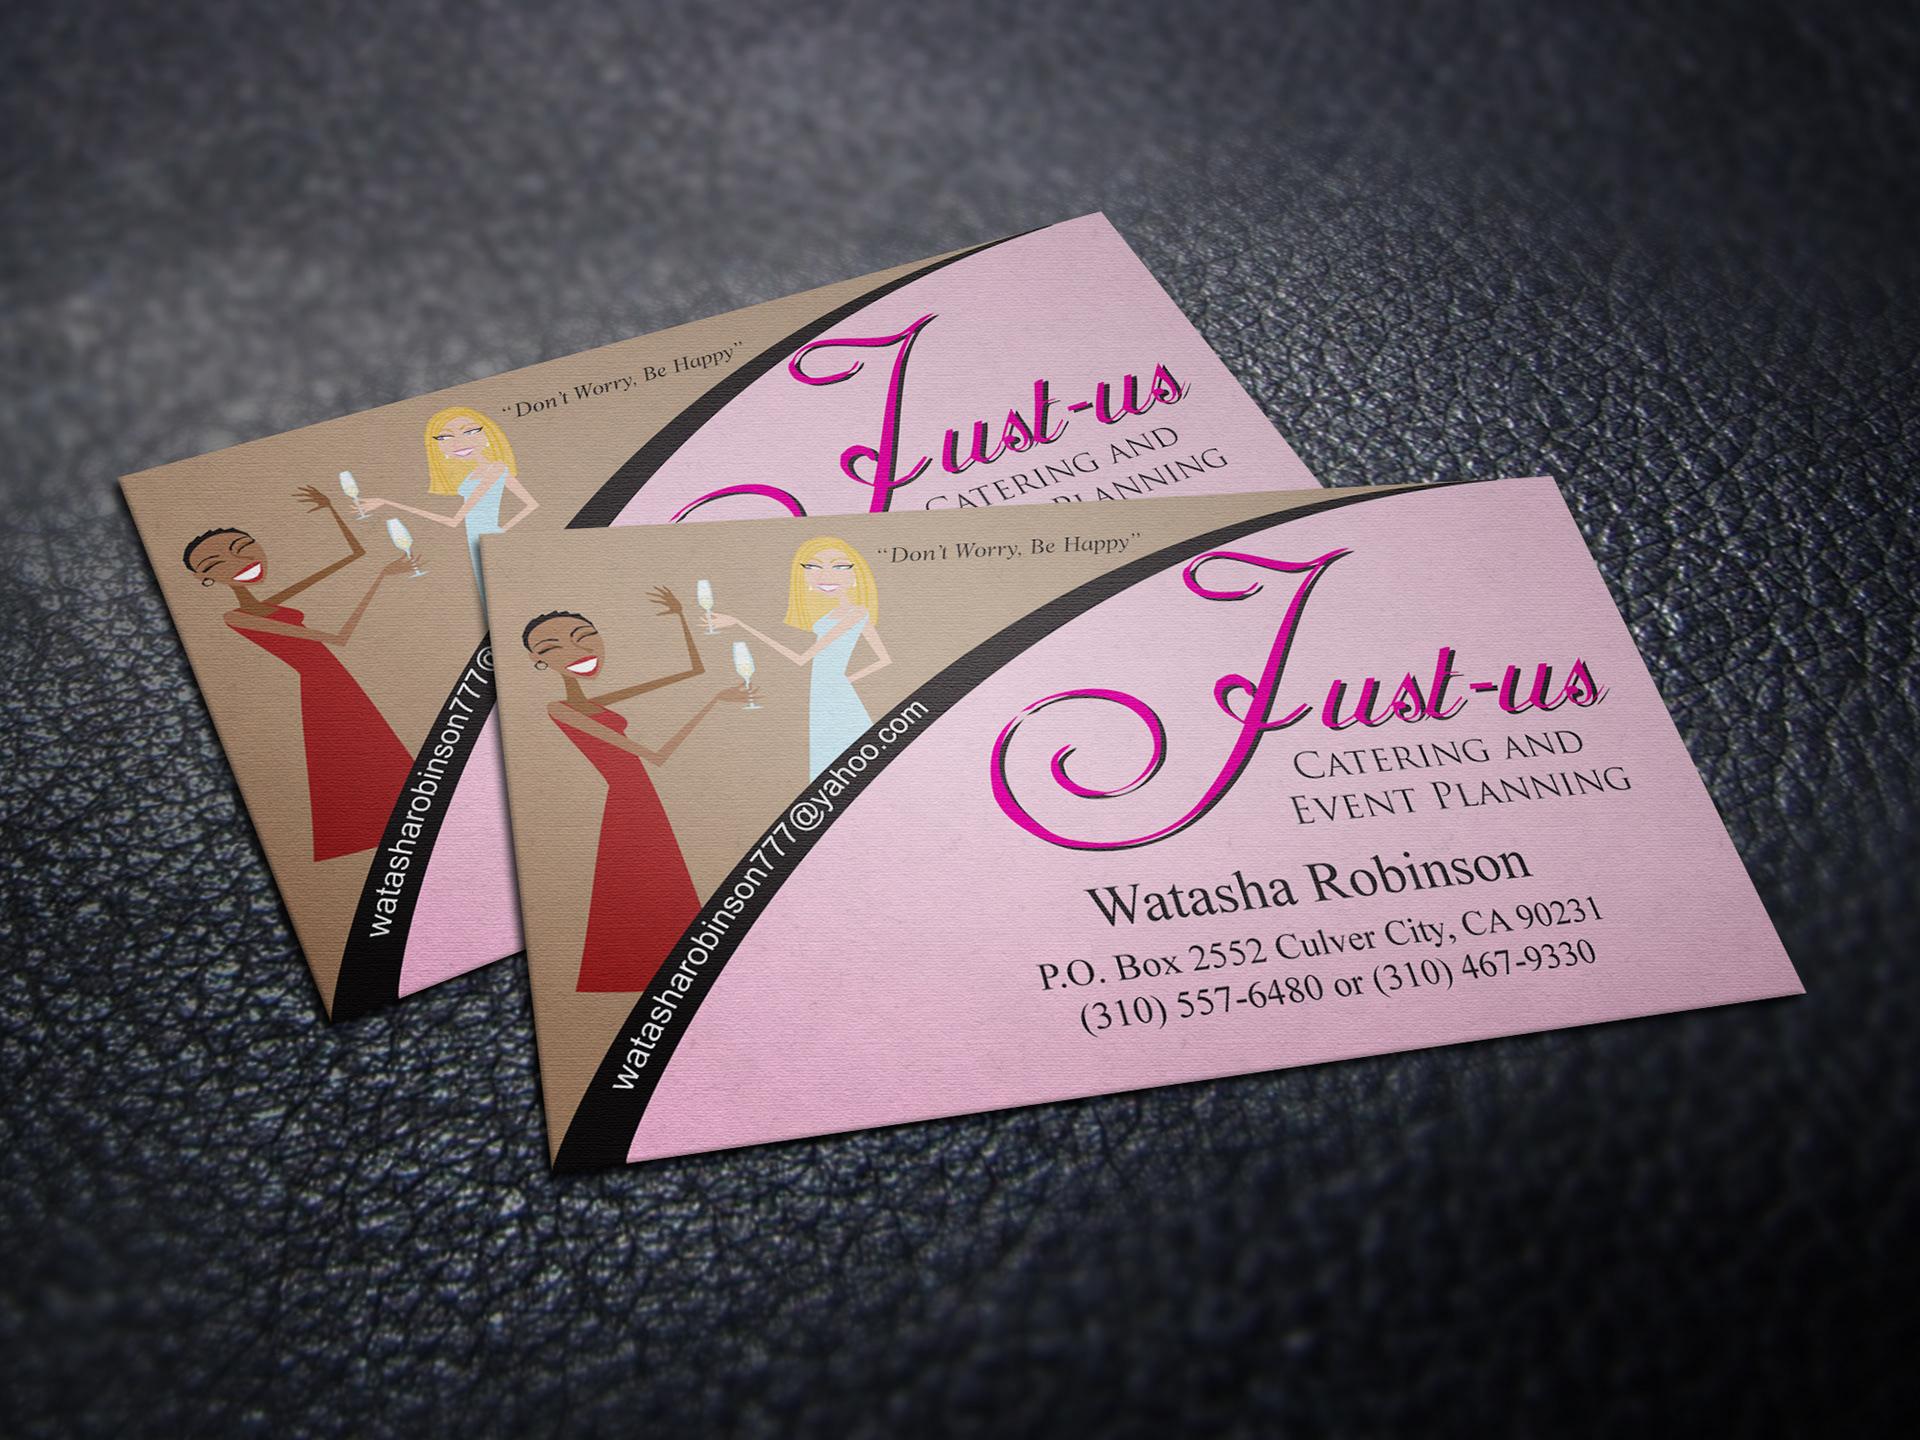 Roman Warren Design - Business Cards